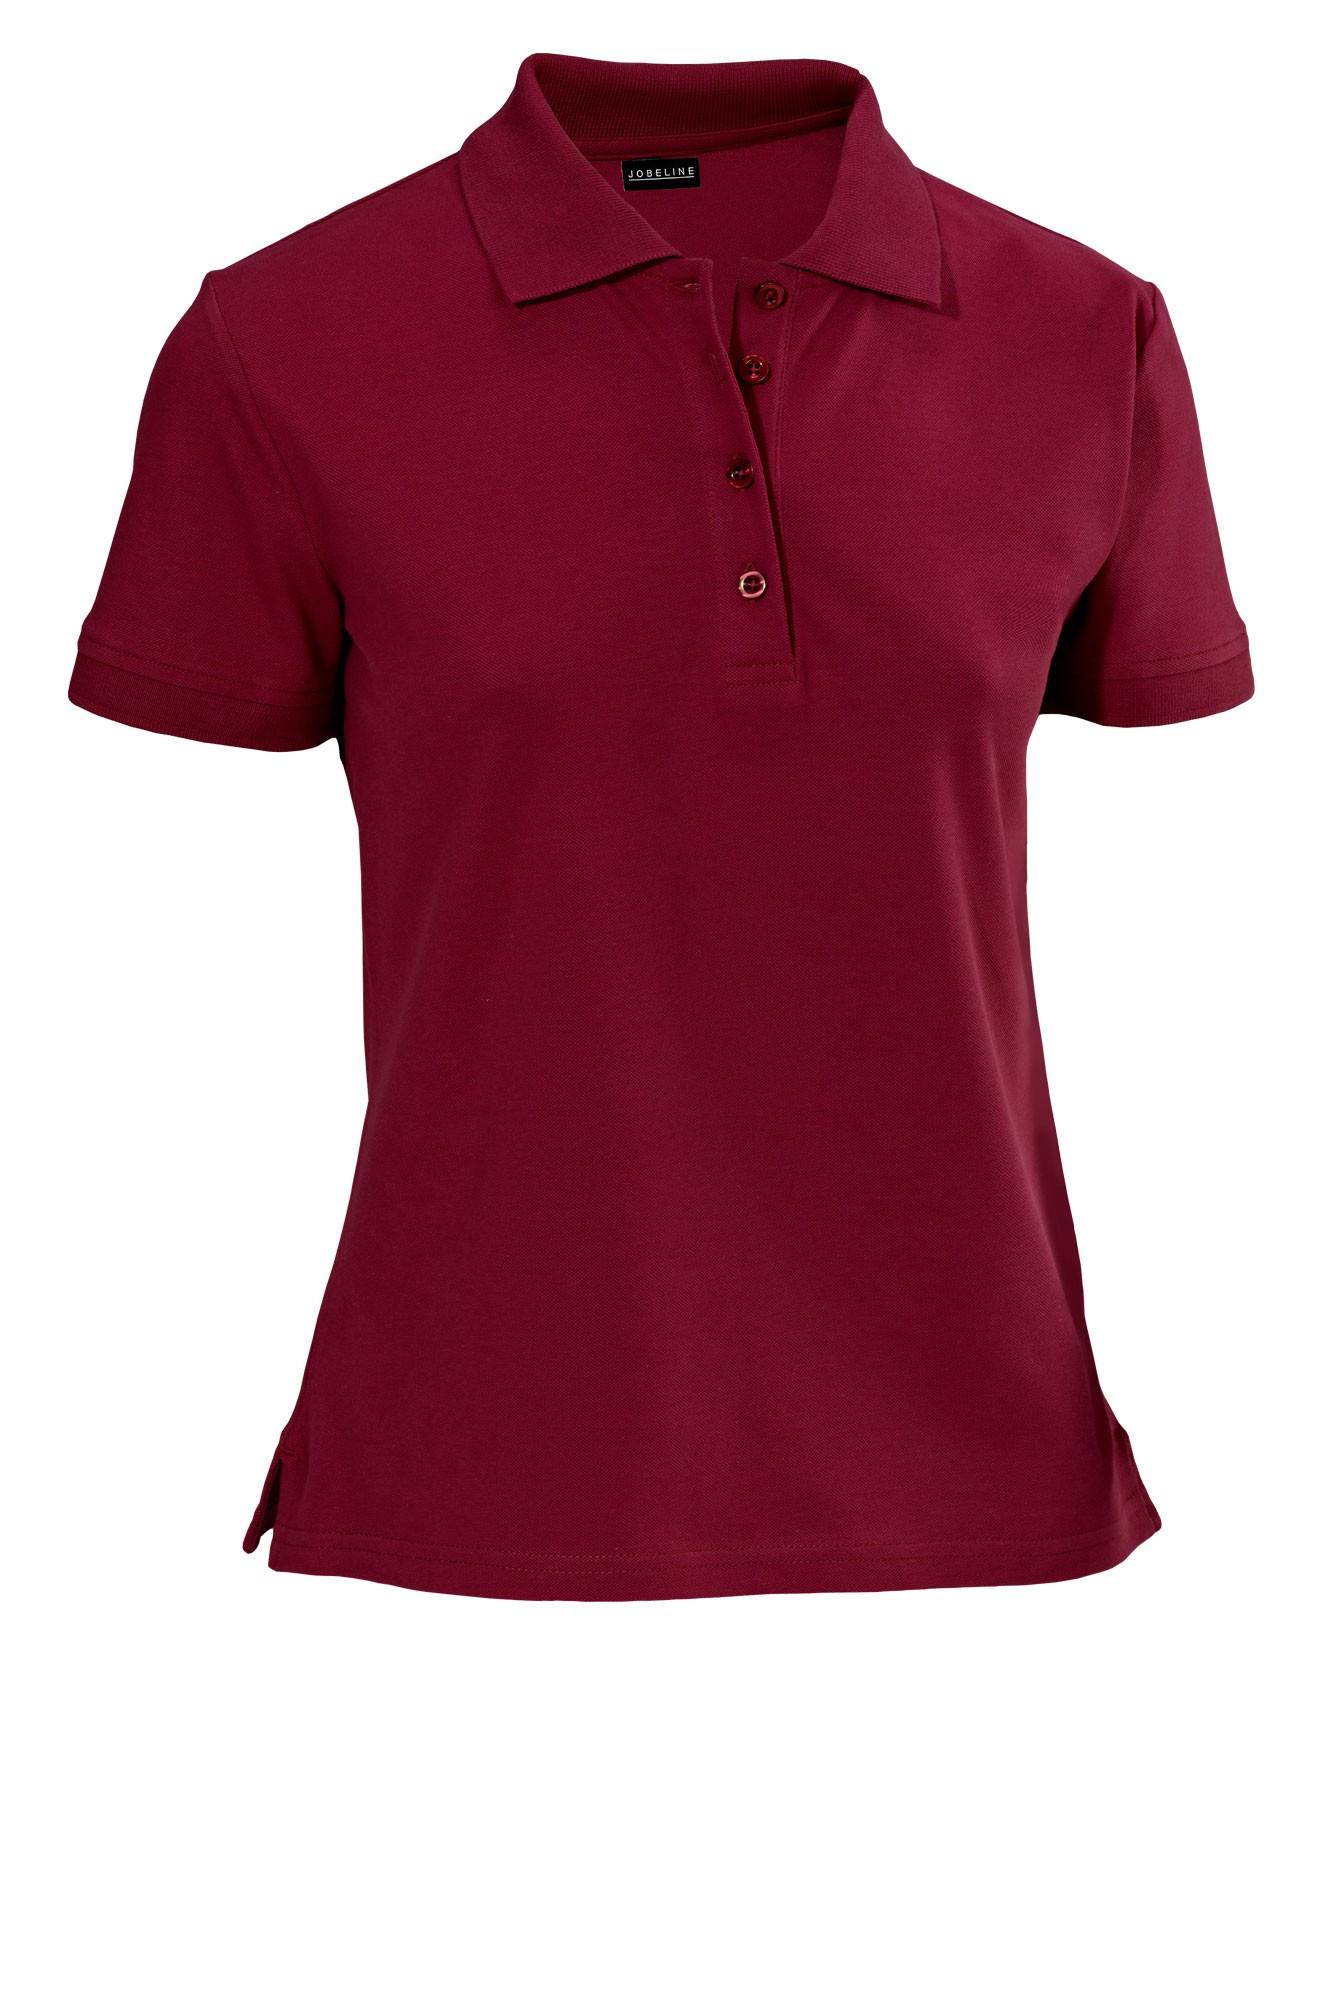 Dámské tričko Cato - bordó/krátký rukáv